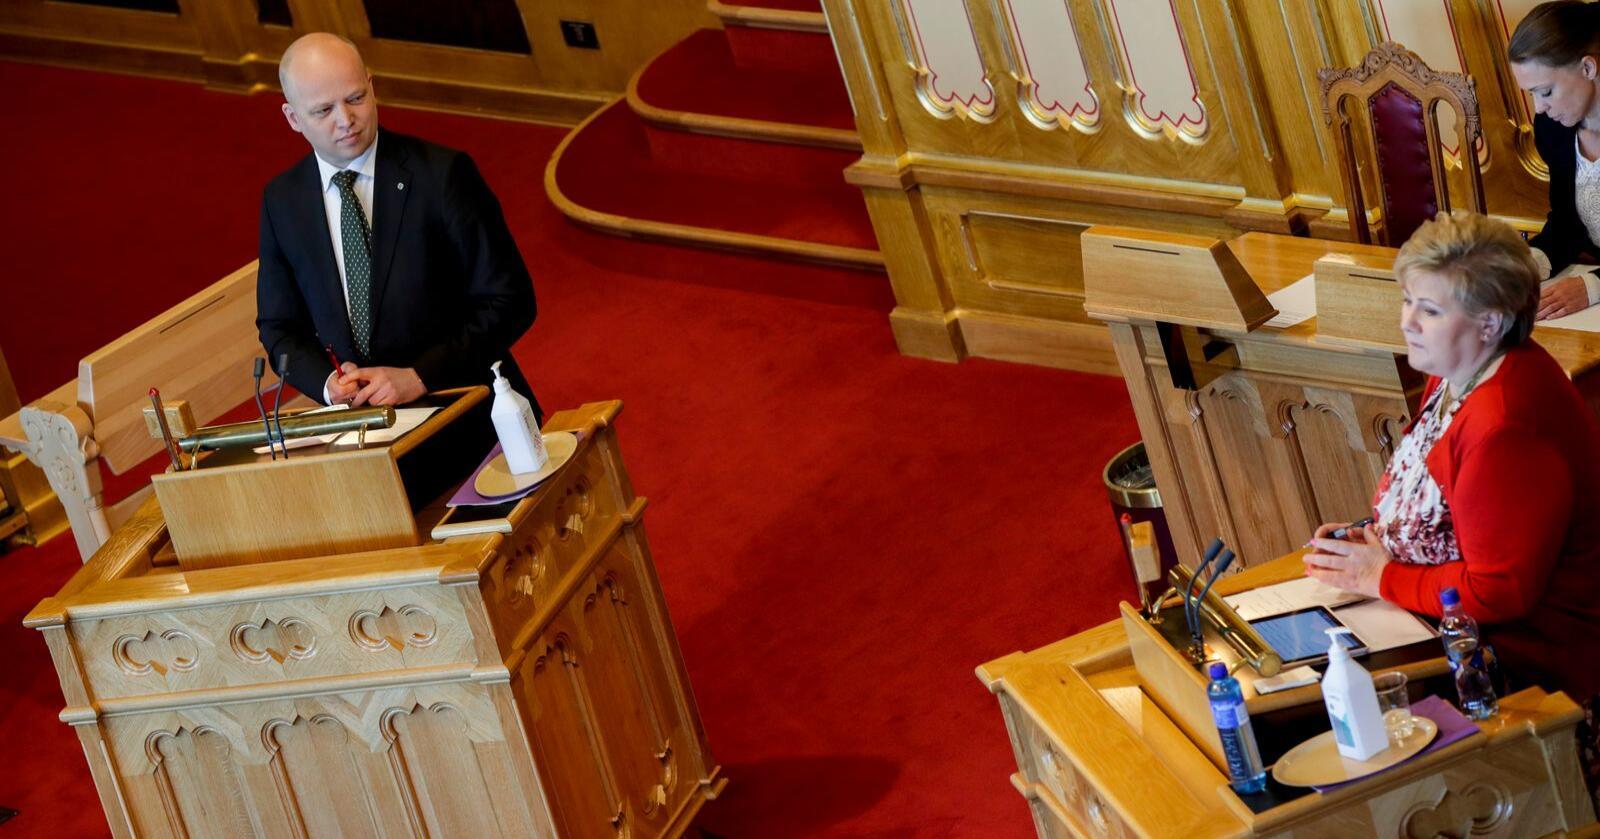 Stortingets muntlige spørretime: Sp-leder Trygve Slagsvold Vedum spør statsministeren om hun vil oppfordre nordmenn til å kjøpe norske varer, for å redde arbeidsplasser under koronakrisen. Foto: Vidar Ruud / NTB scanpix